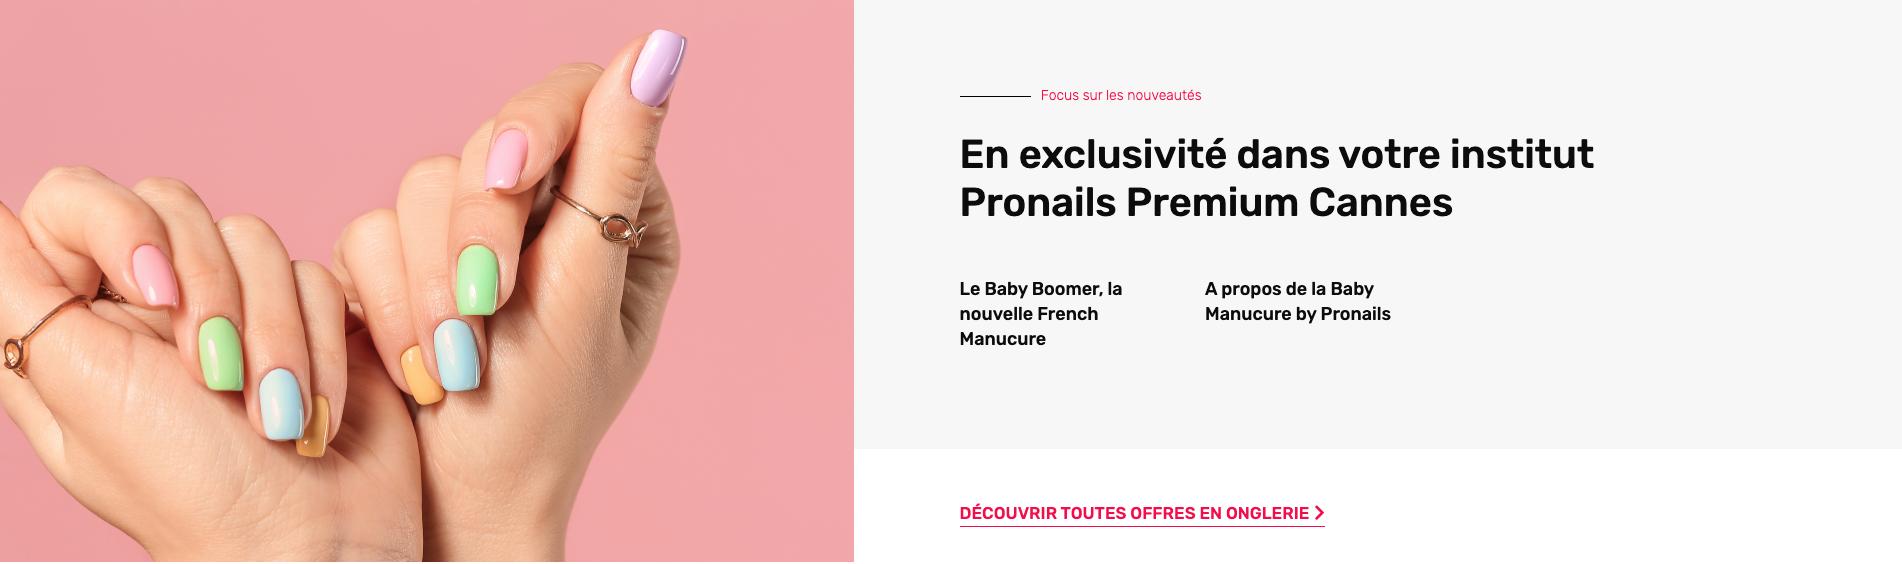 Onglerie-offre-Pronails-Premium-Cannes.png